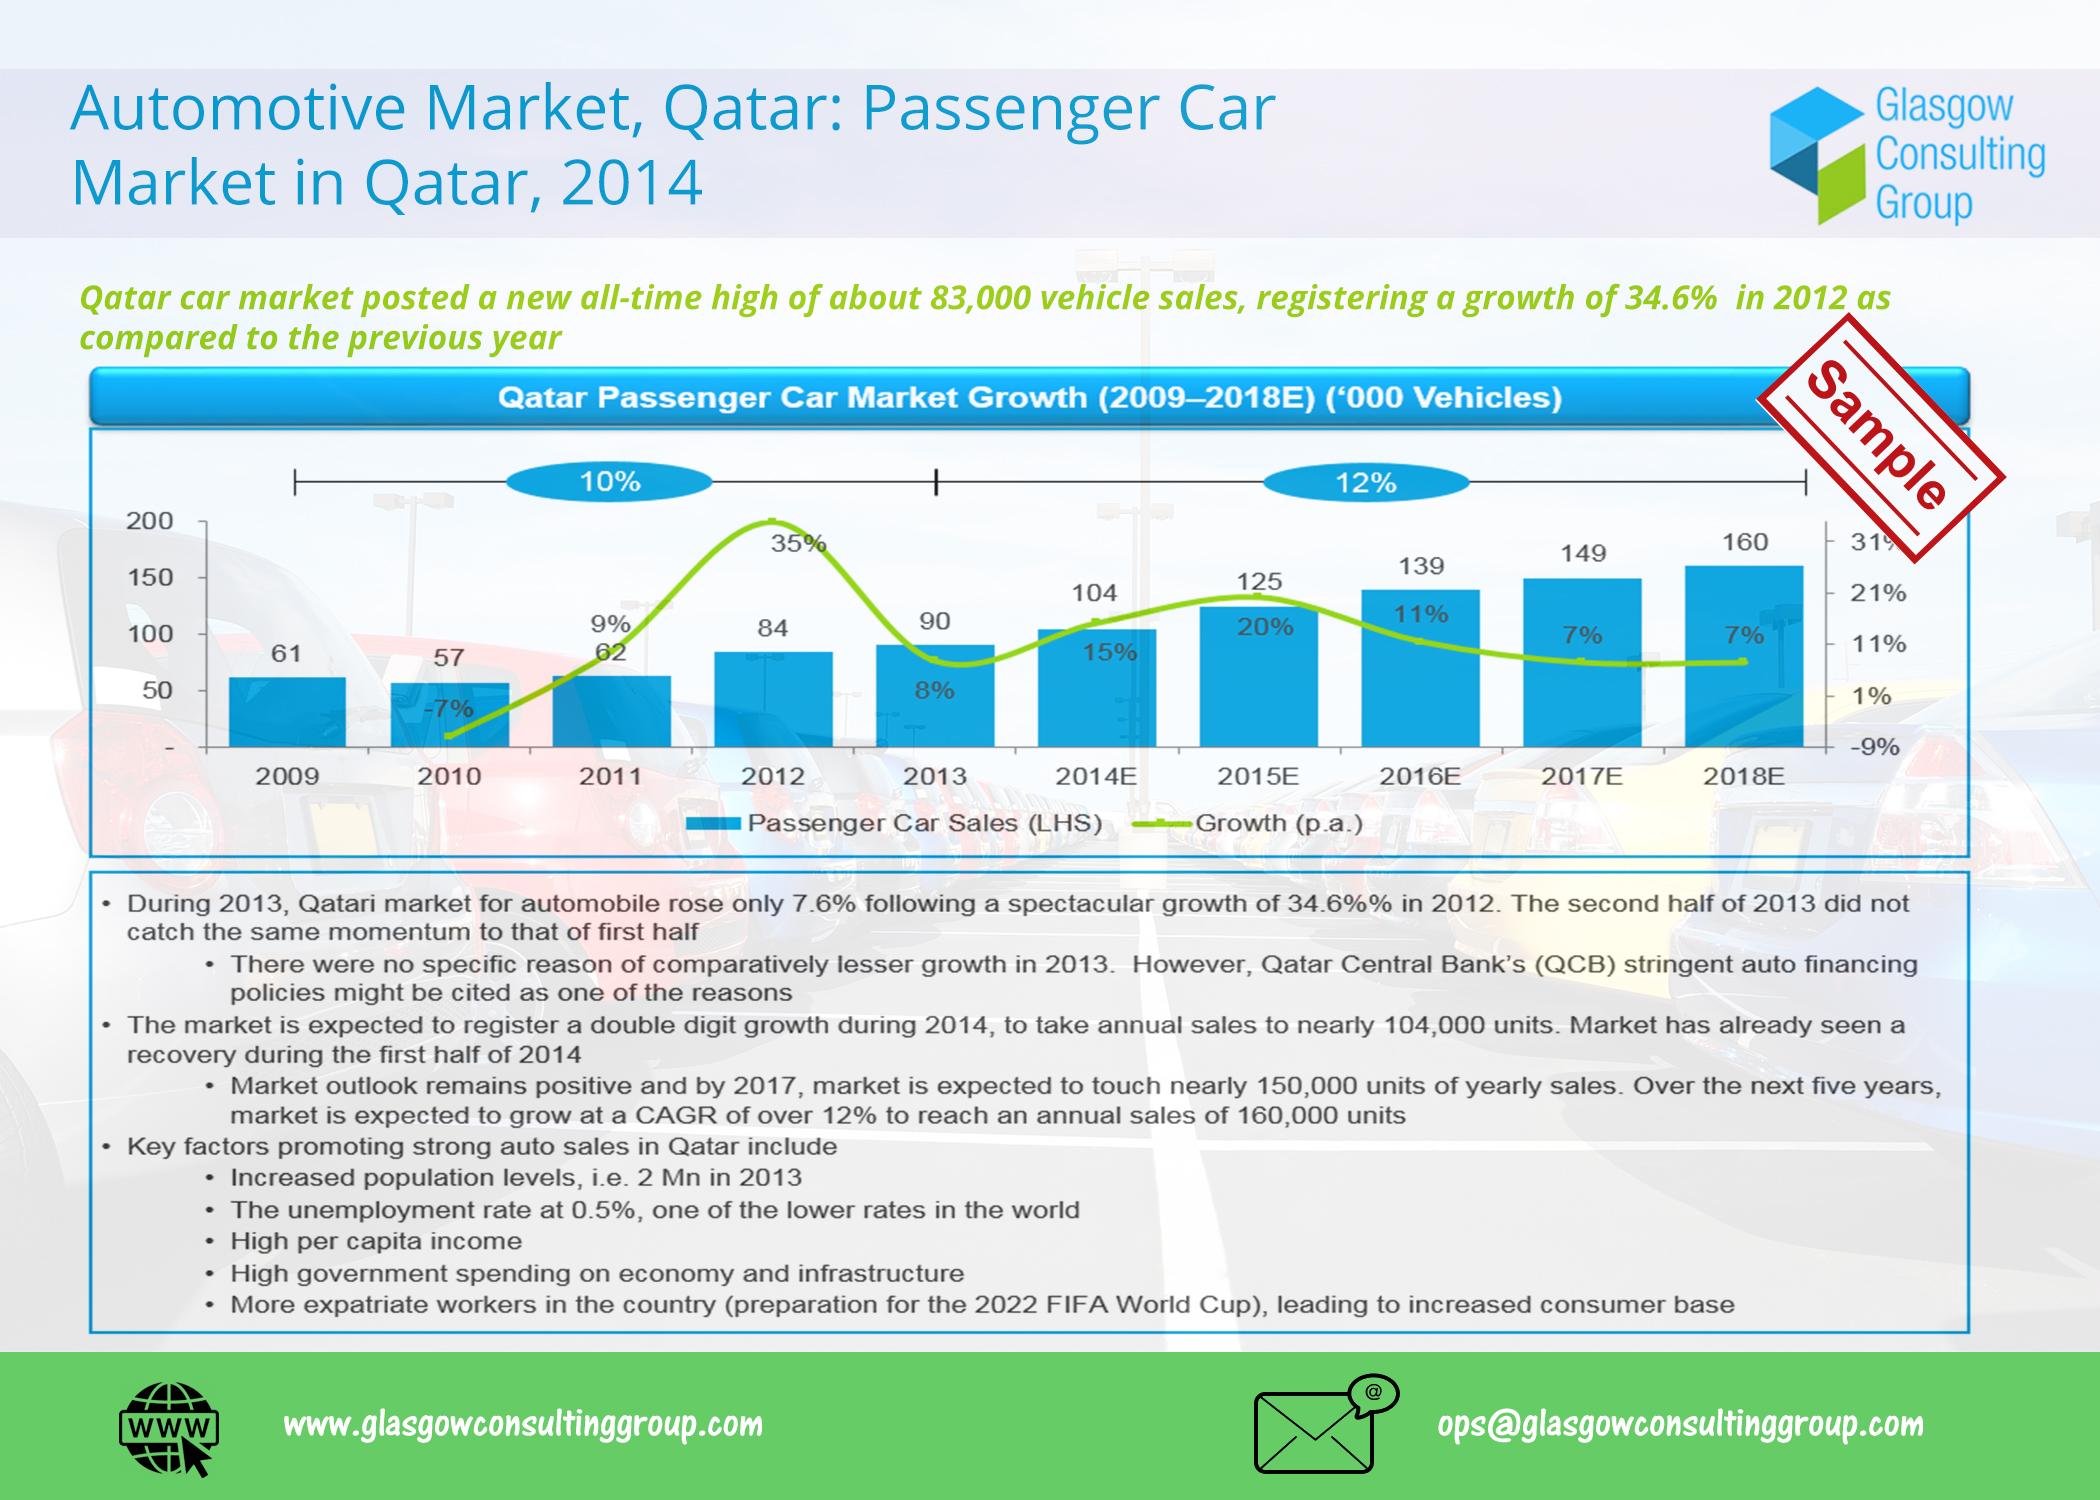 2 Automotive Market, Qatar, Passenger Car Market in Qatar, 2014